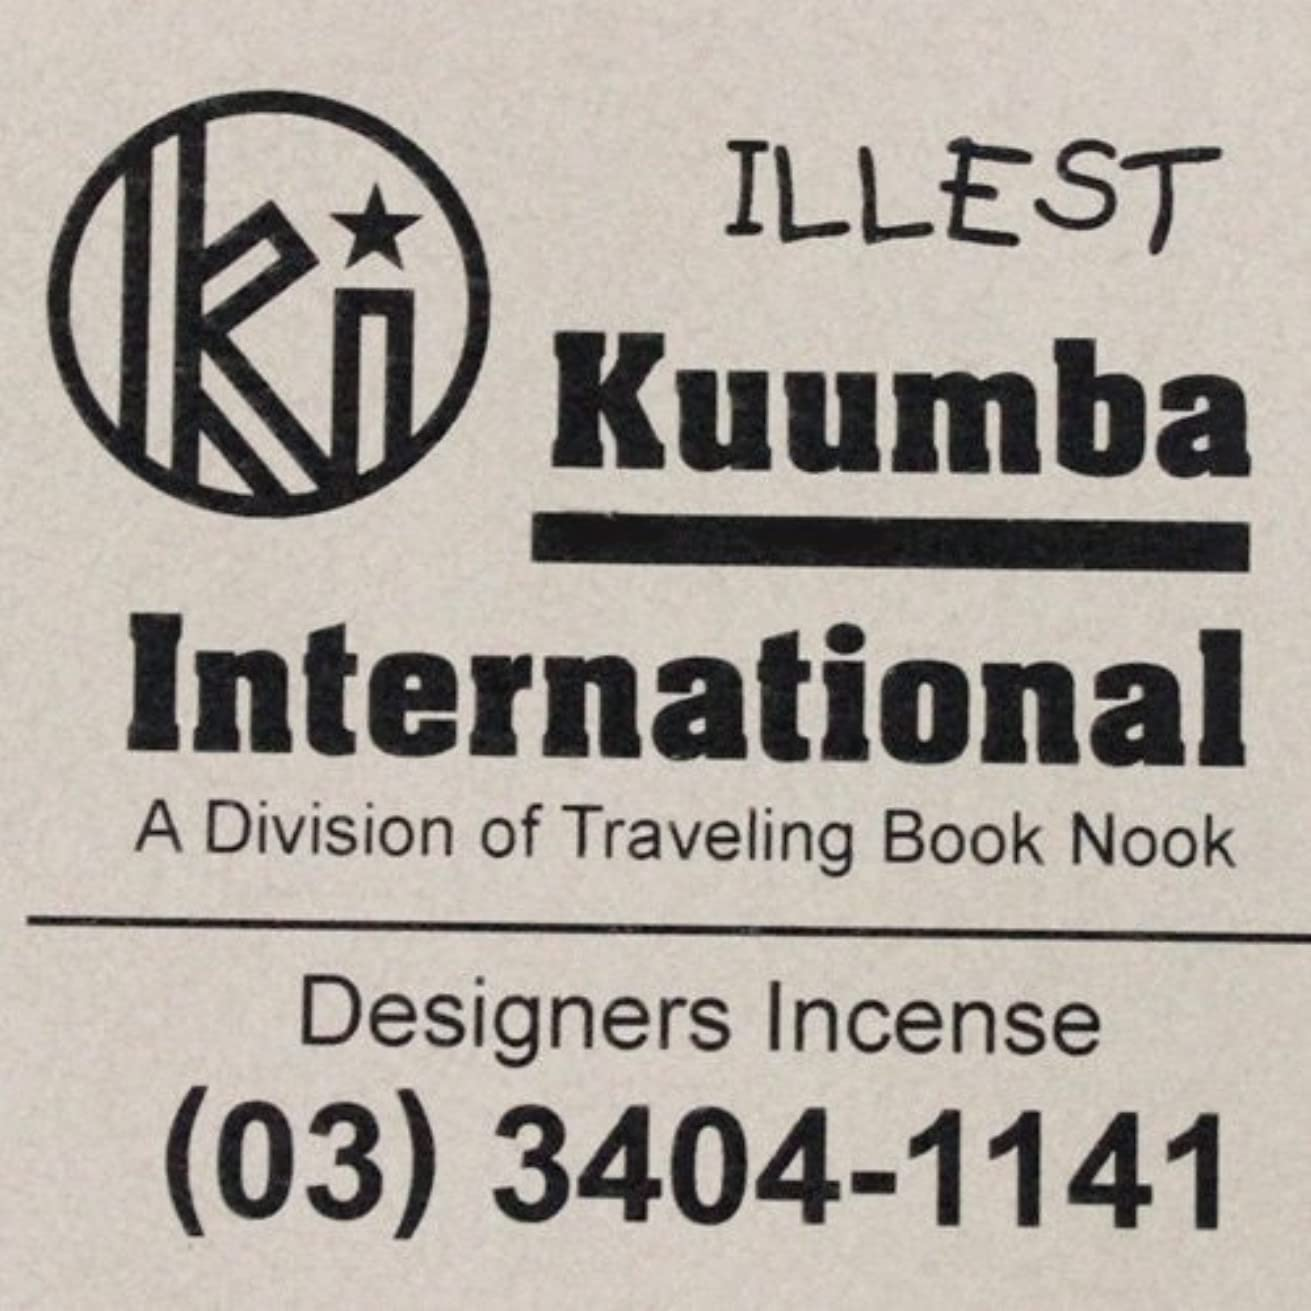 なかなか葉を集めるストライプKuumba(クンバ)『incense』(ILLEST) (Regular size)